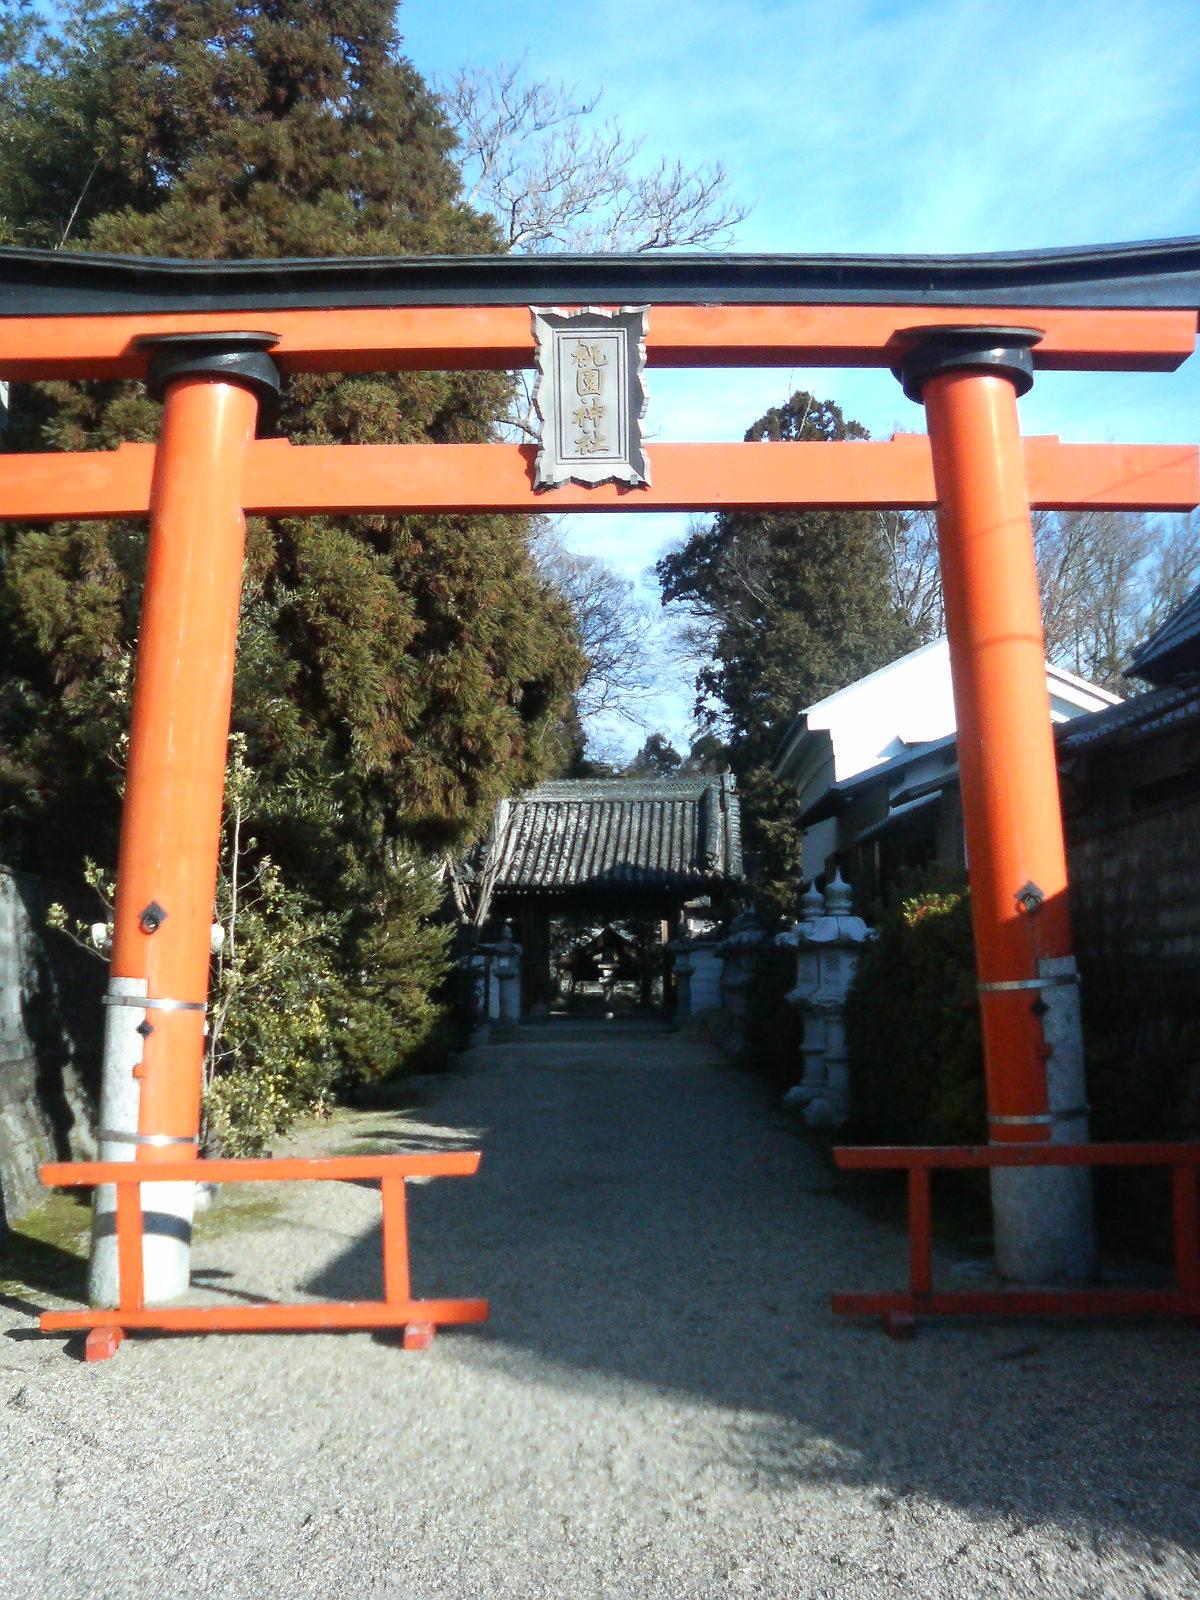 [alm-ore] 祝園神社